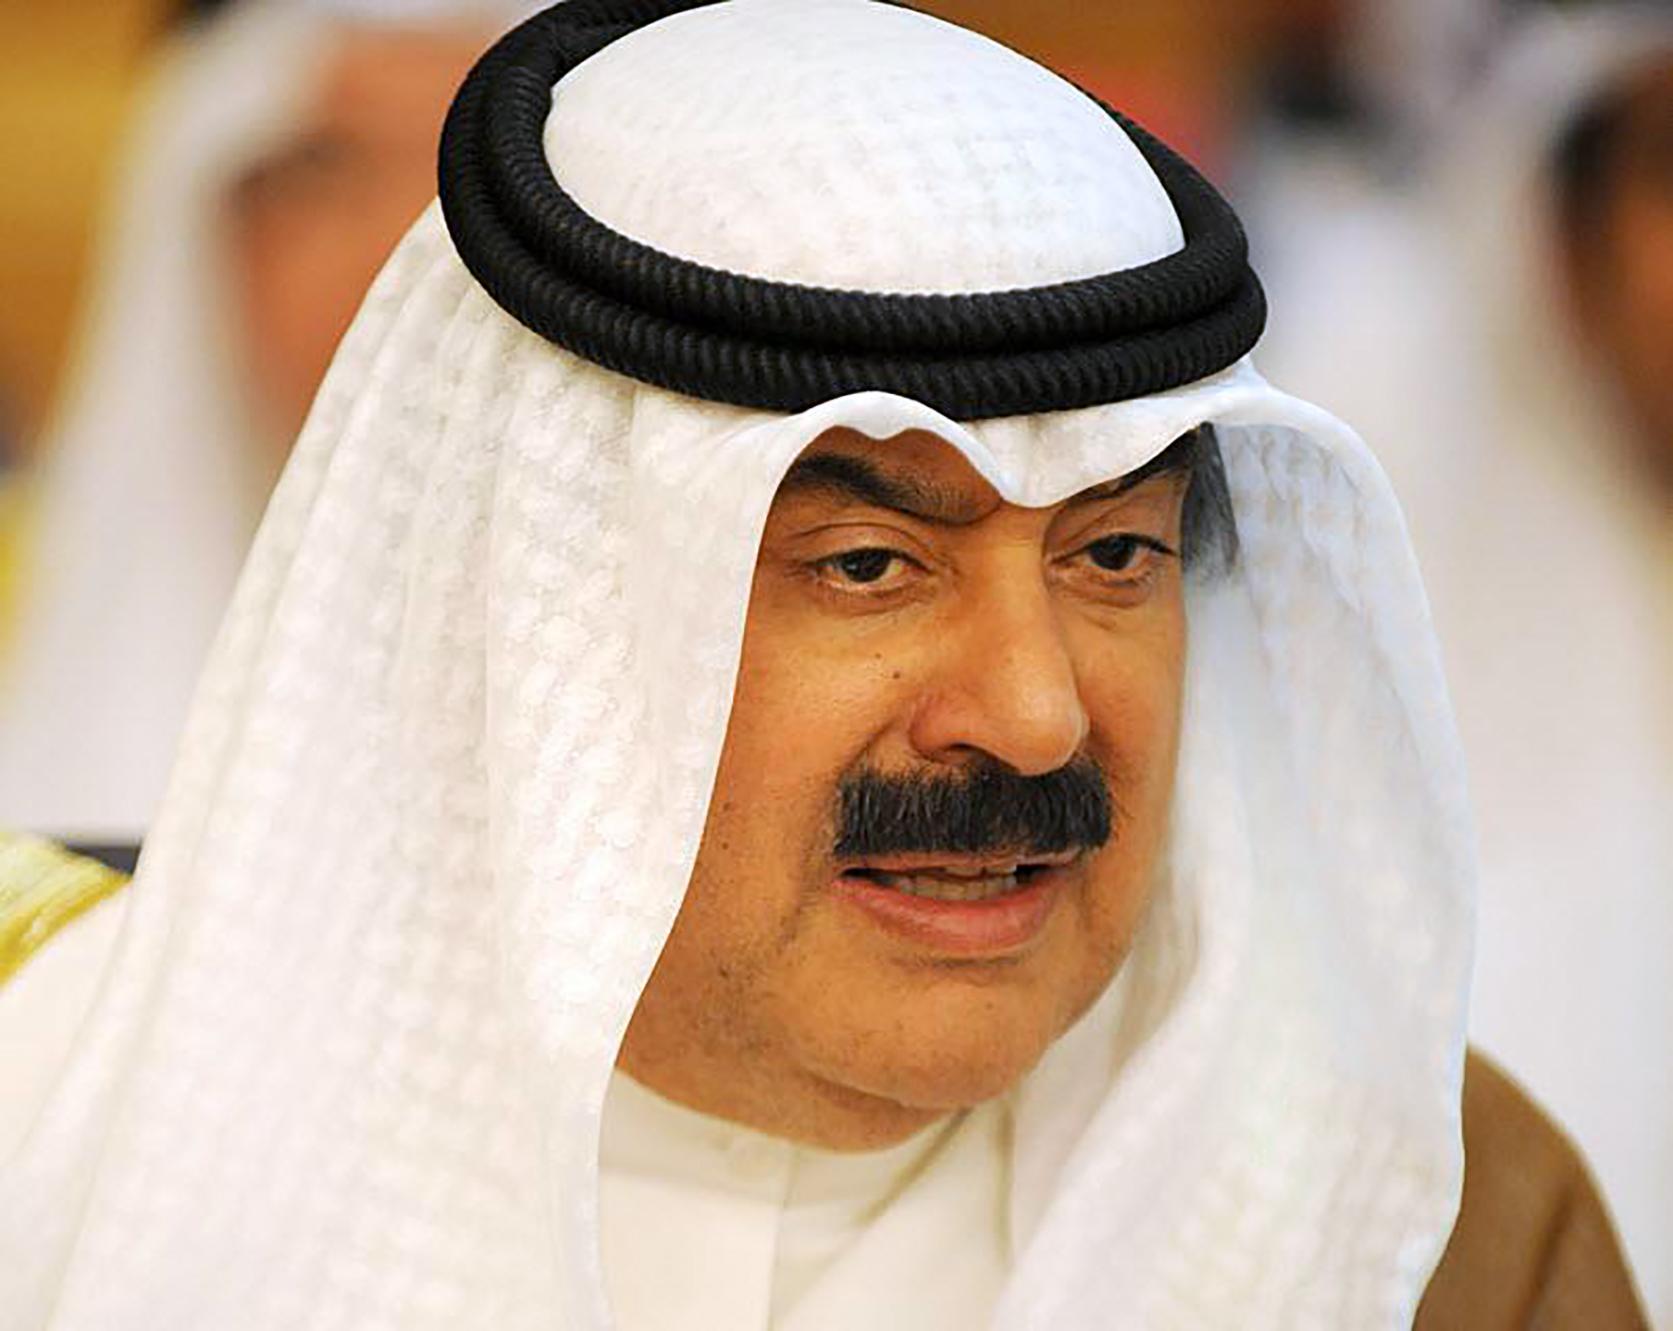 نائب وزير خارجية الكويت: يبدو أن المفاوضات بين طهران وواشنطن قد بدأت